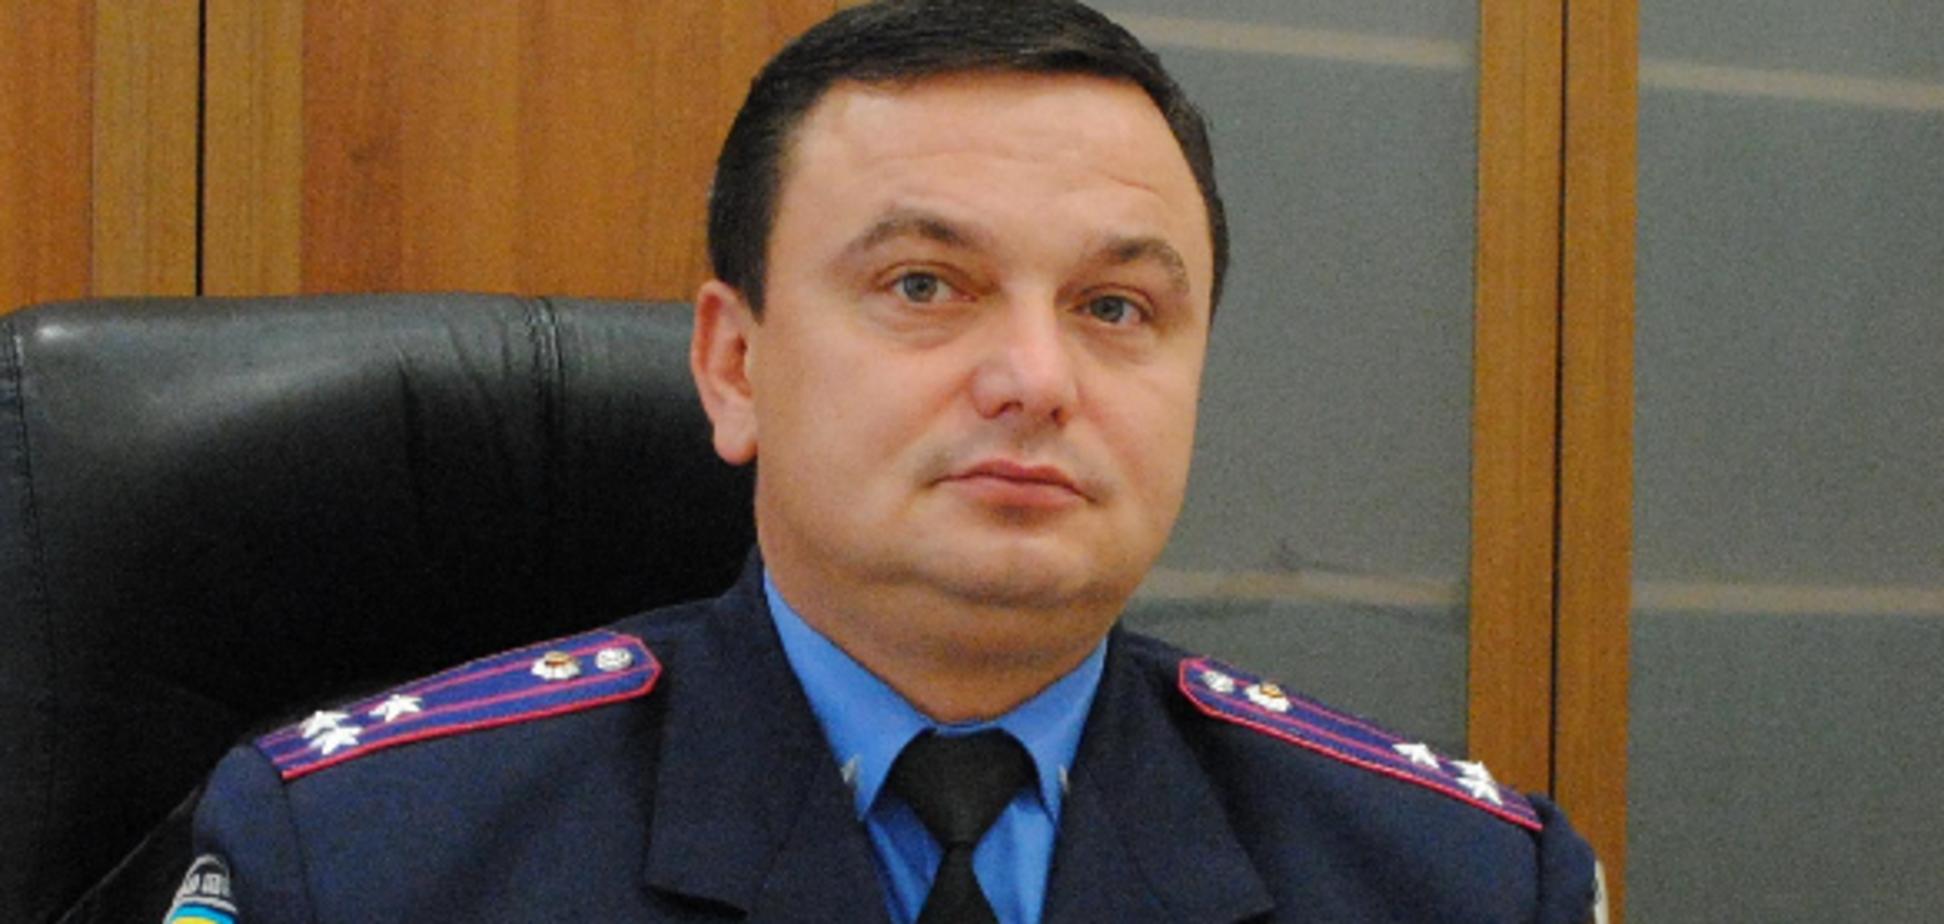 Убийство ребенка под Киевом: экс-глава областной полиции получил новую должность